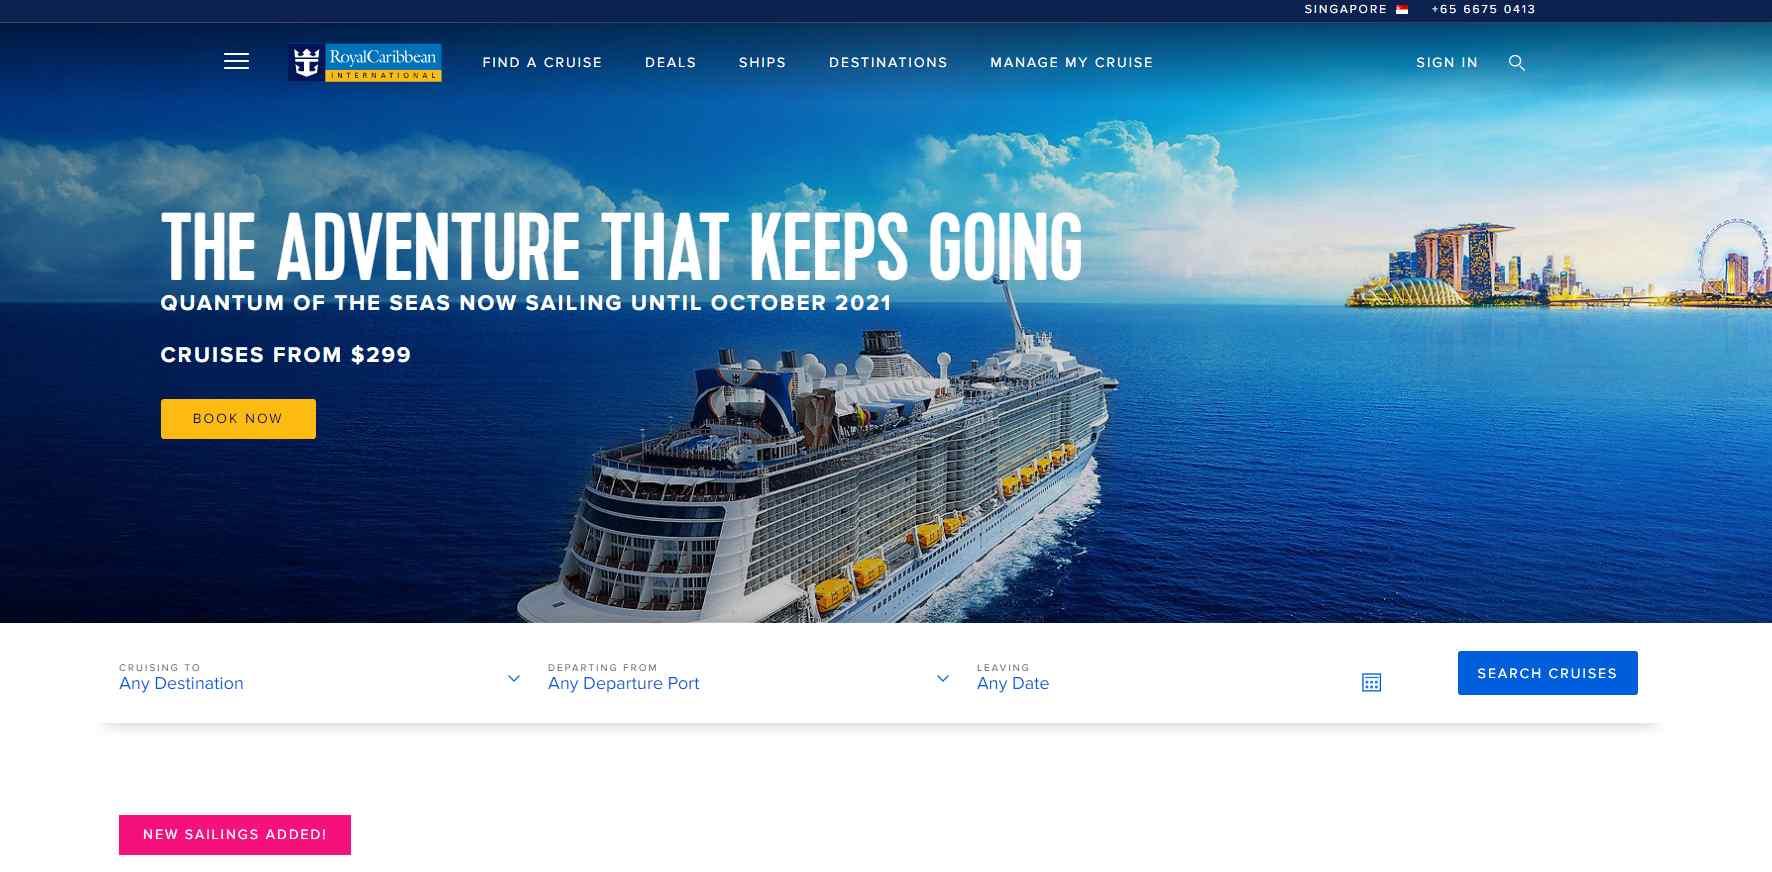 royal caribbean Top Cruise Operators in Singapore